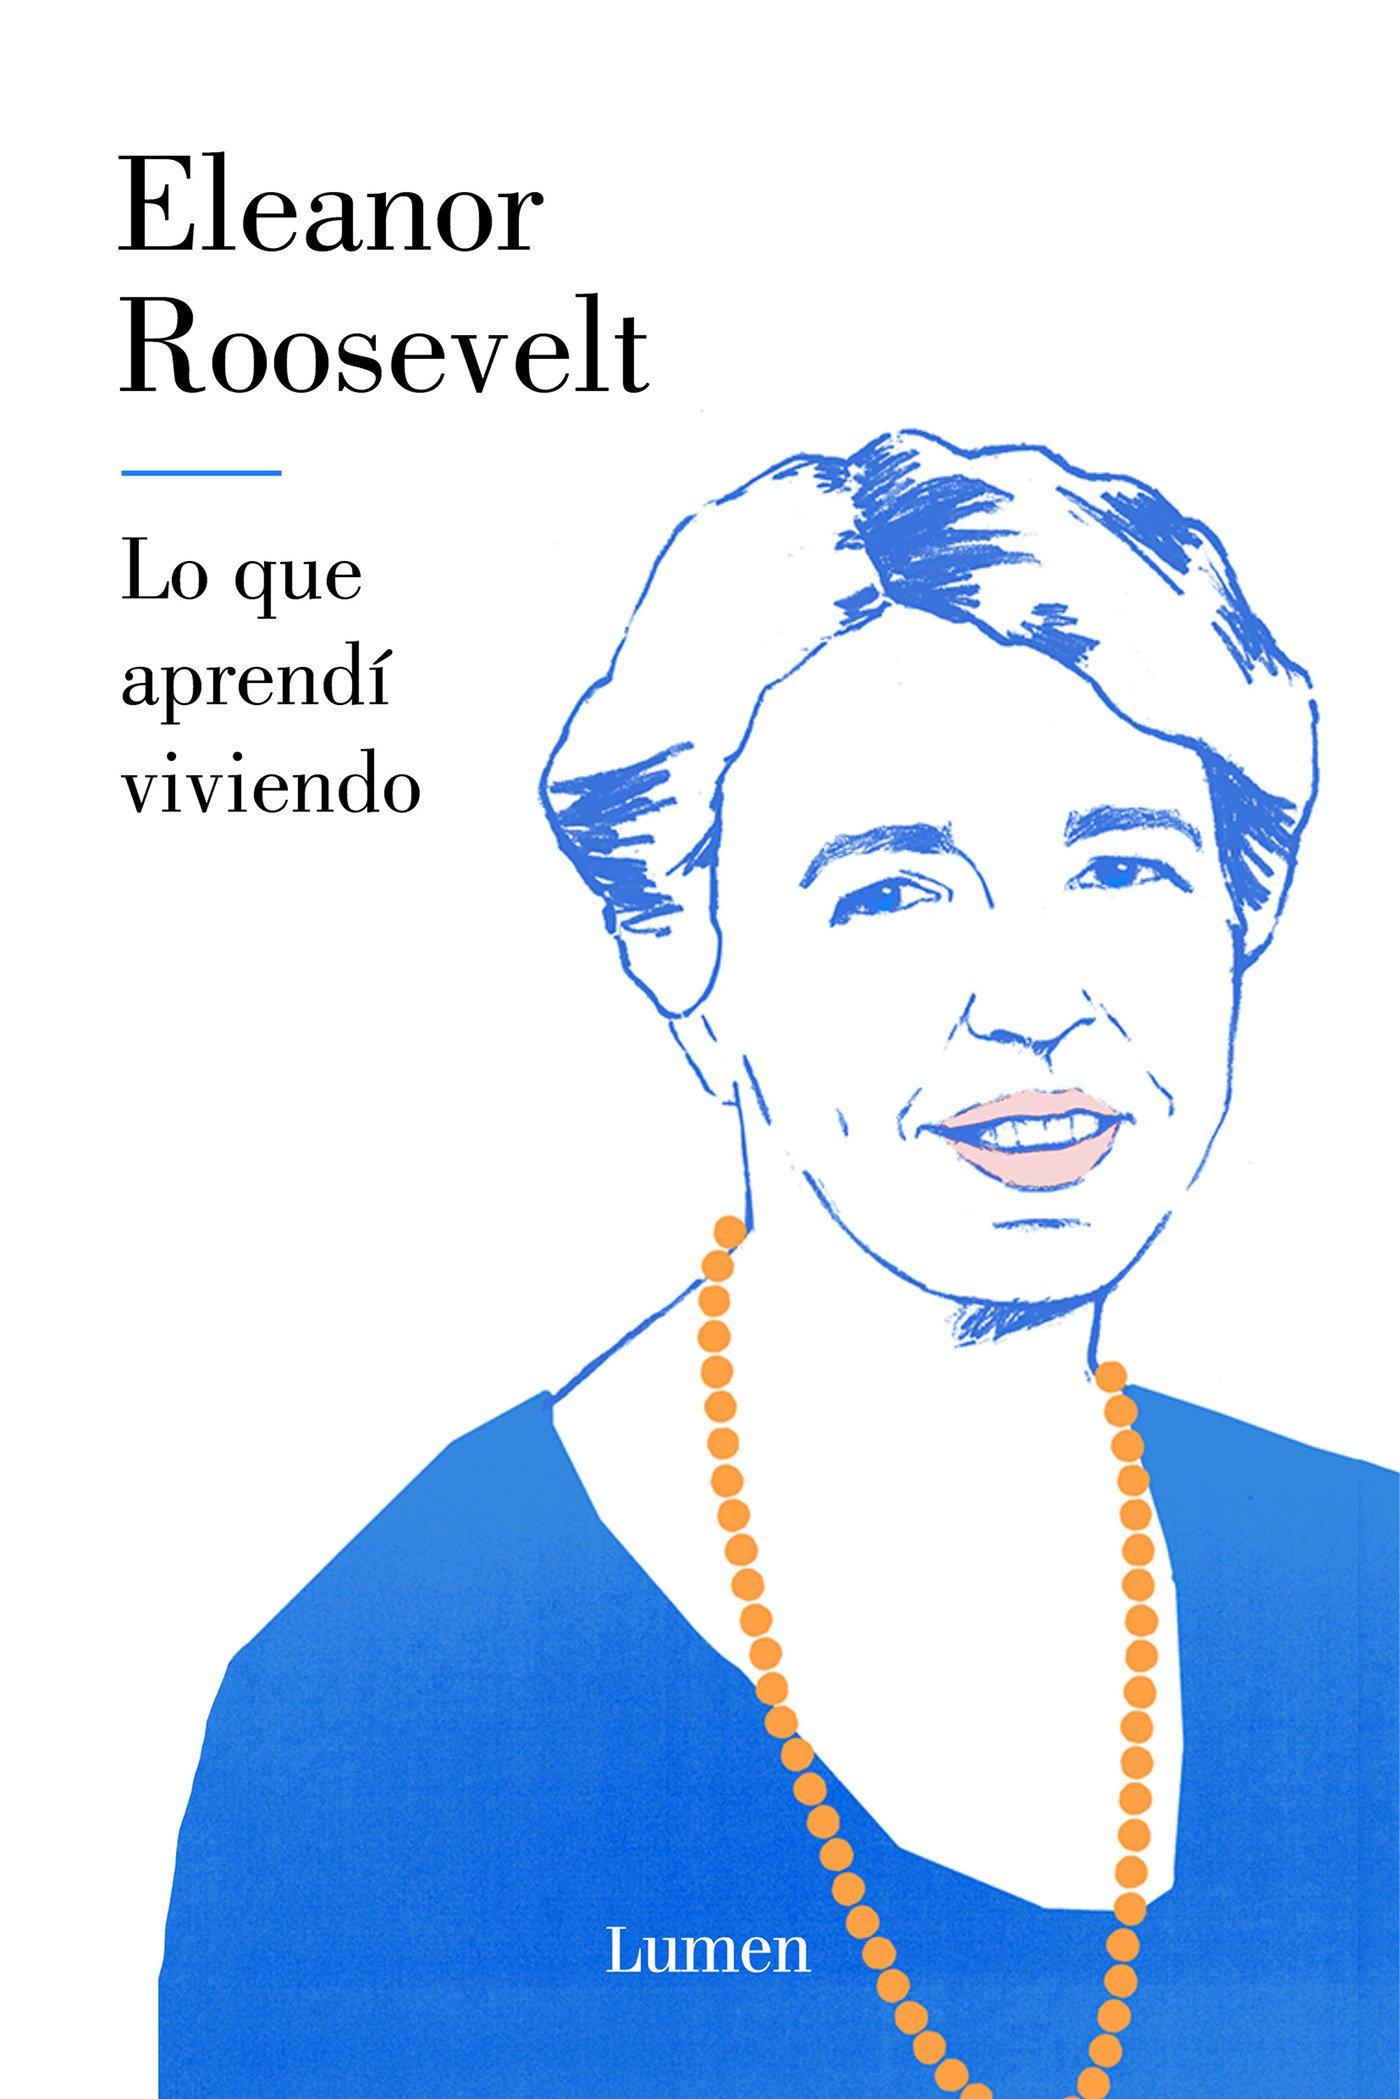 Lo que aprendí viviendo (ENSAYO) Tapa dura – 15 feb 2018 Eleanor Roosevelt AURORA; ECHEVARRIA PEREZ LUMEN 8426405193